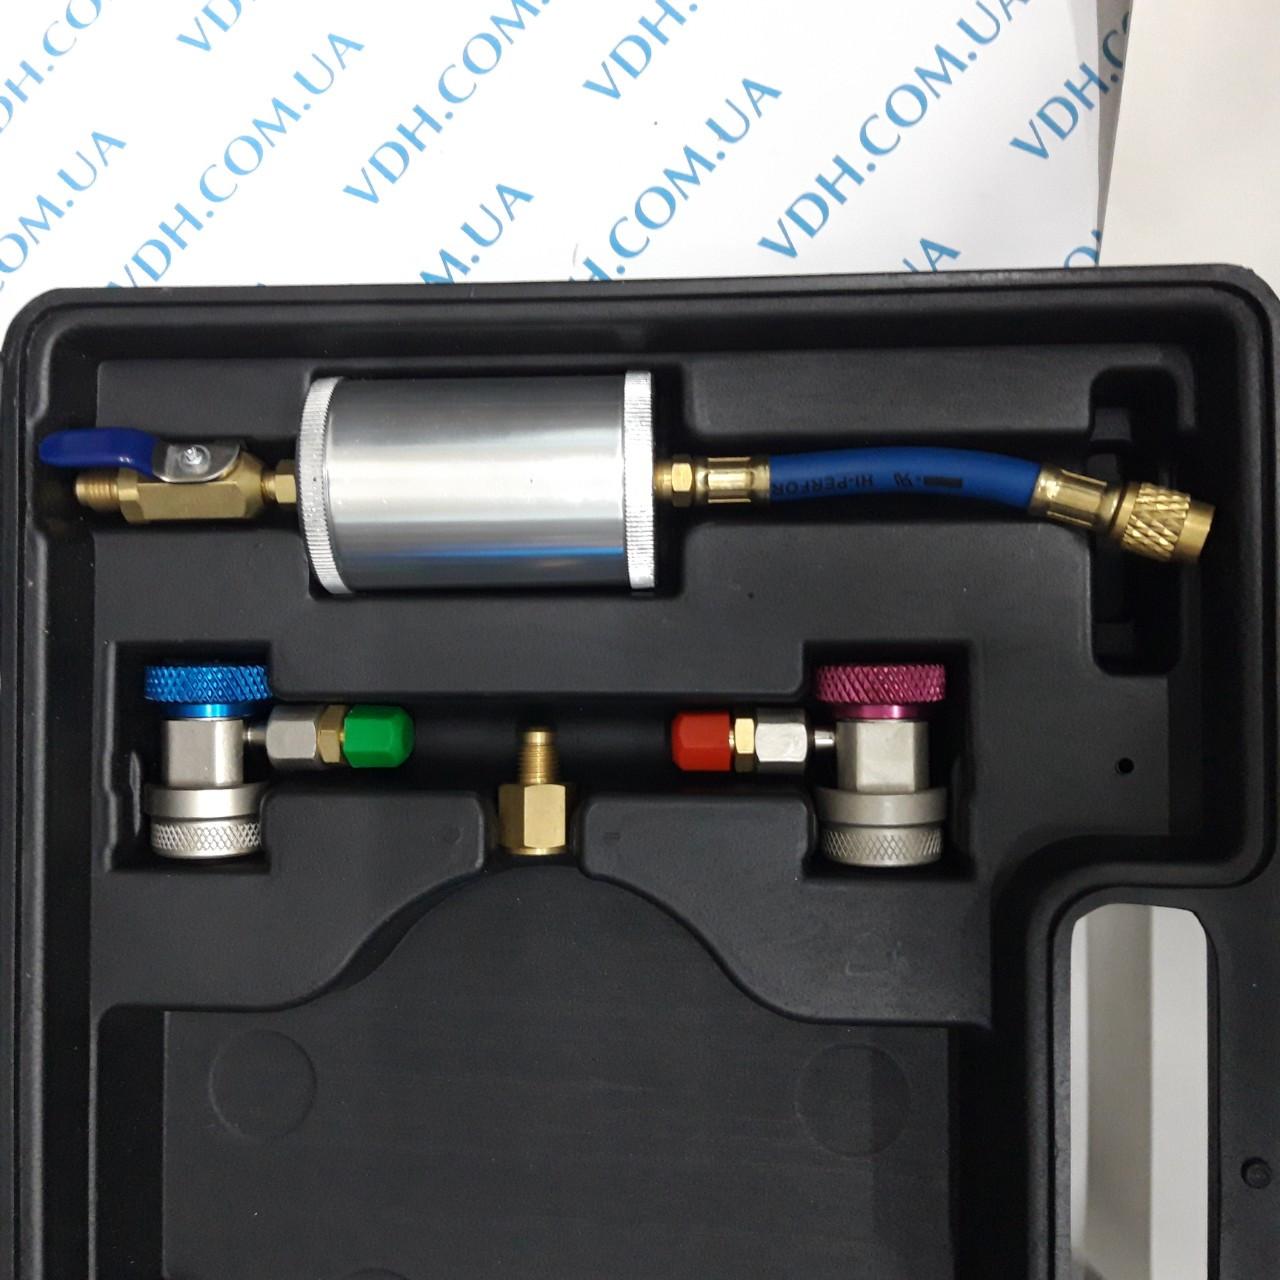 Манометрический коллектор 4х вентильный в наборе ( 4шланга, 2 автомуфты,краны 339 и 338, масл. инжектор) - фото 5